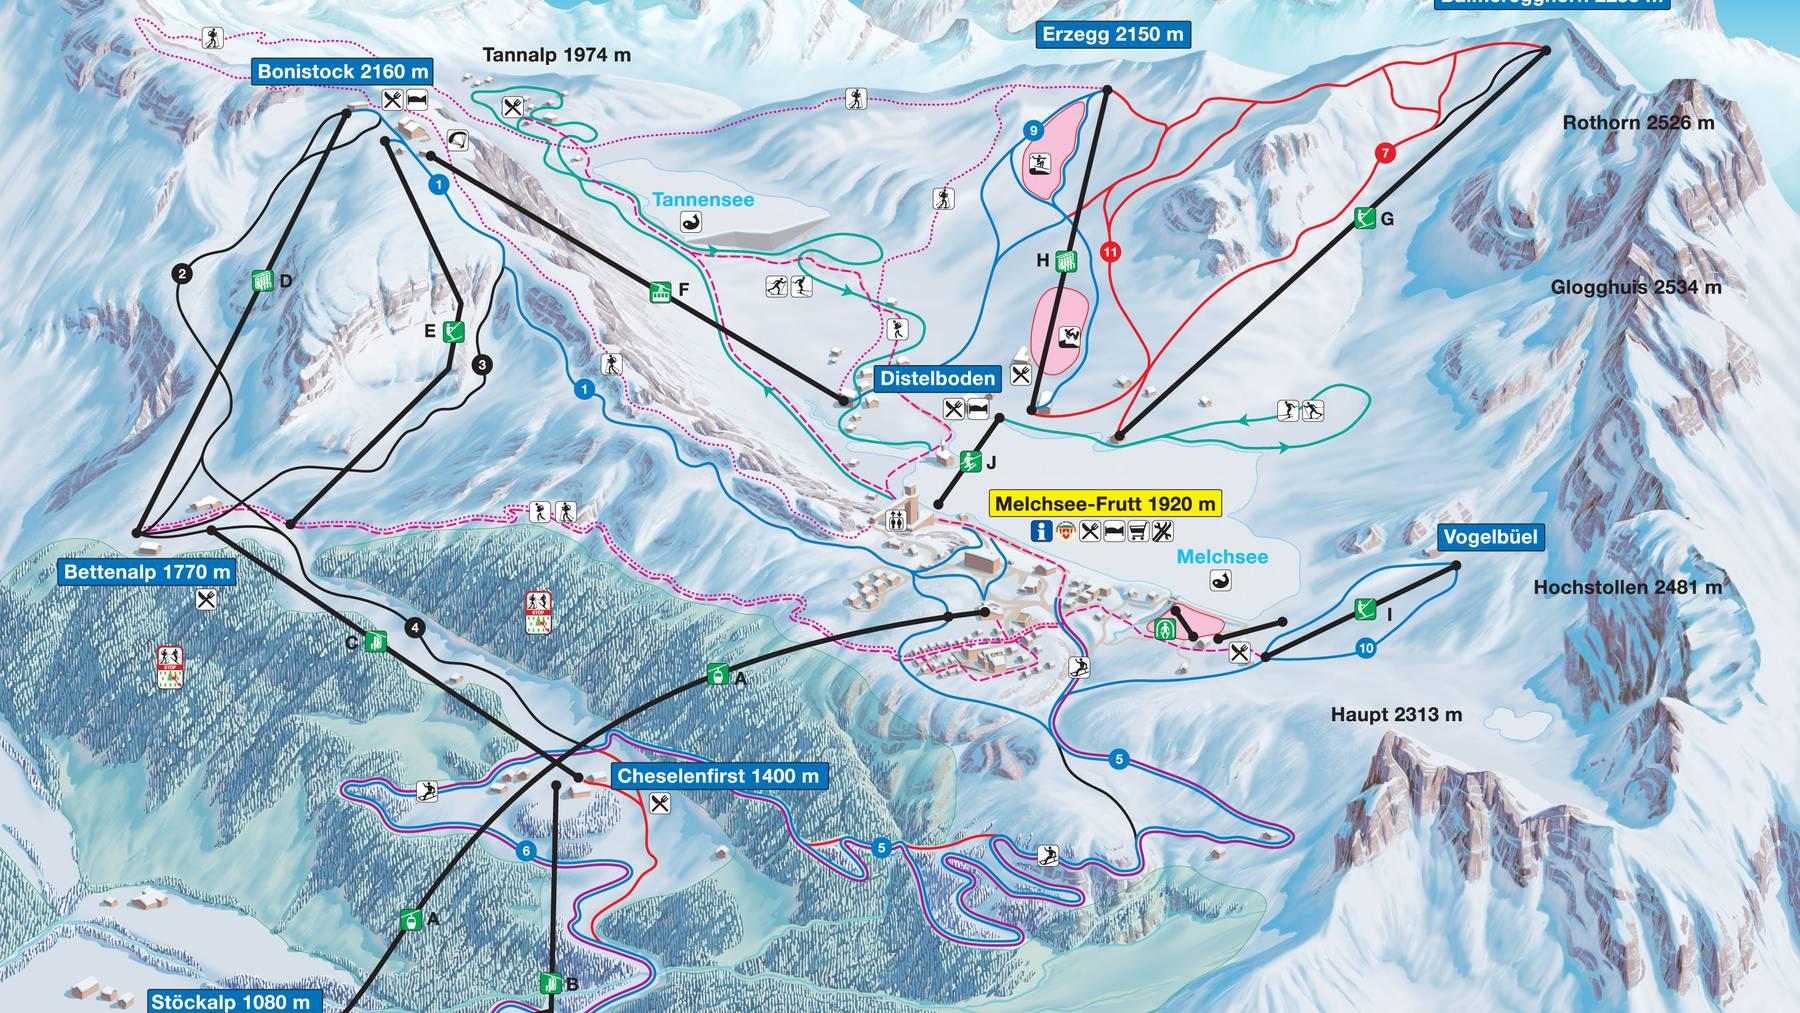 Skifahrerin auf Melchsee-Frutt verunglückt